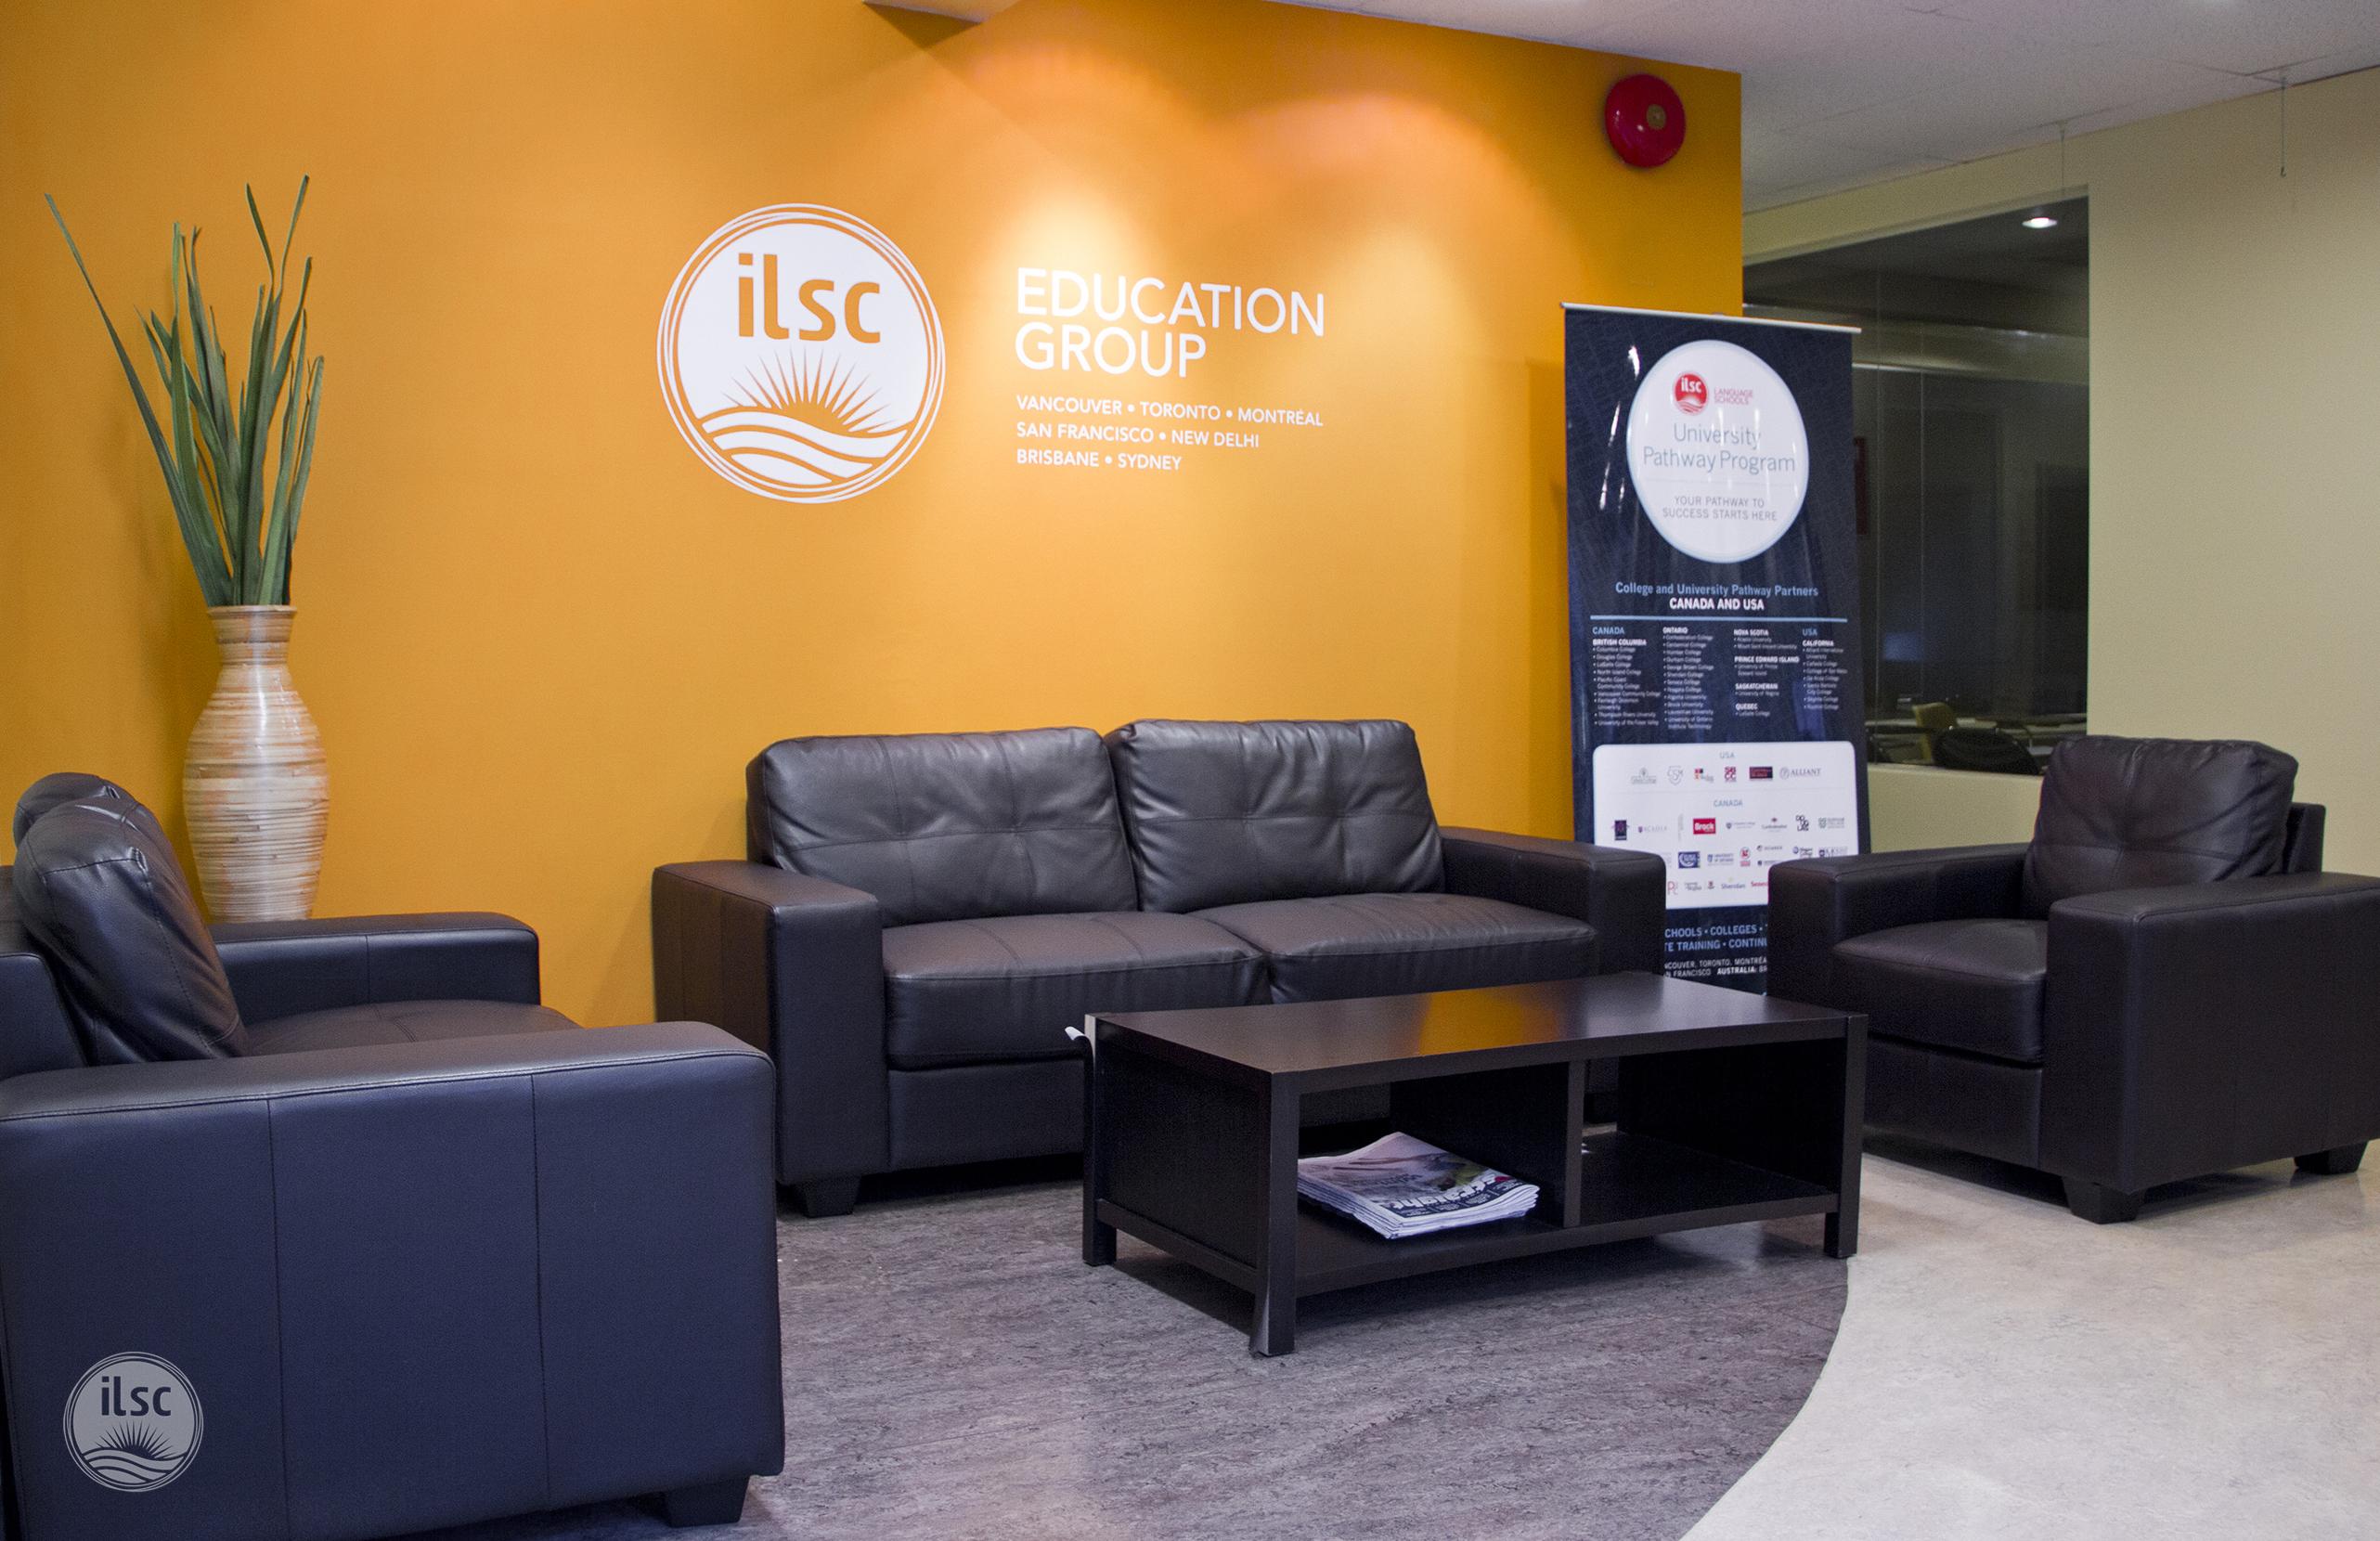 ILSC Language Schools Vancouver Campus